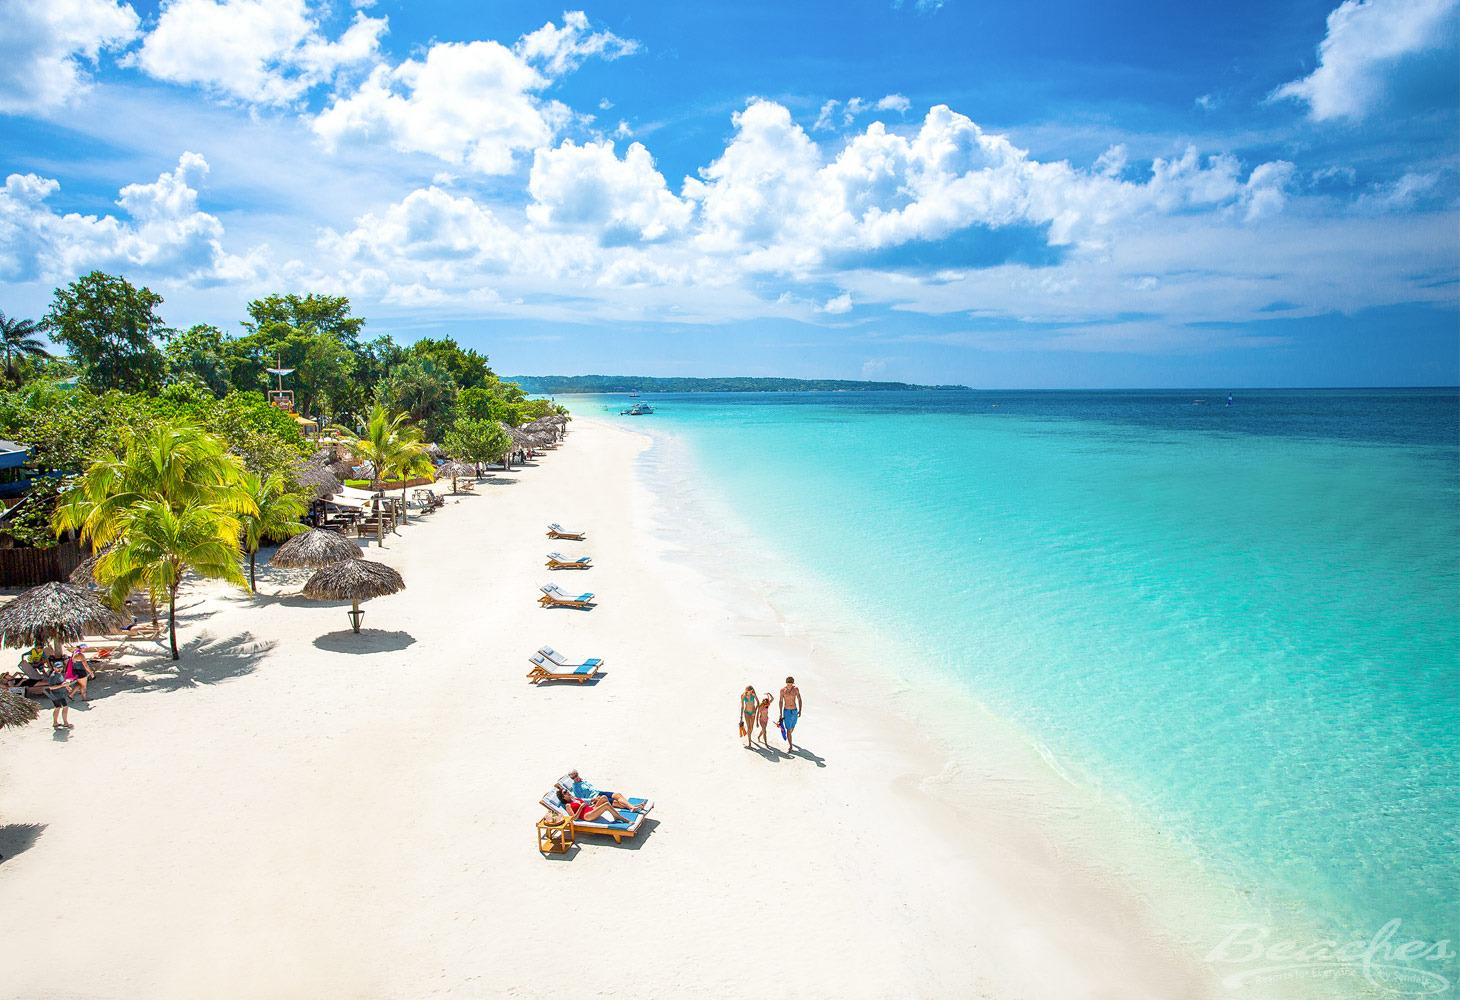 Fuente de la imagen: beaches.com